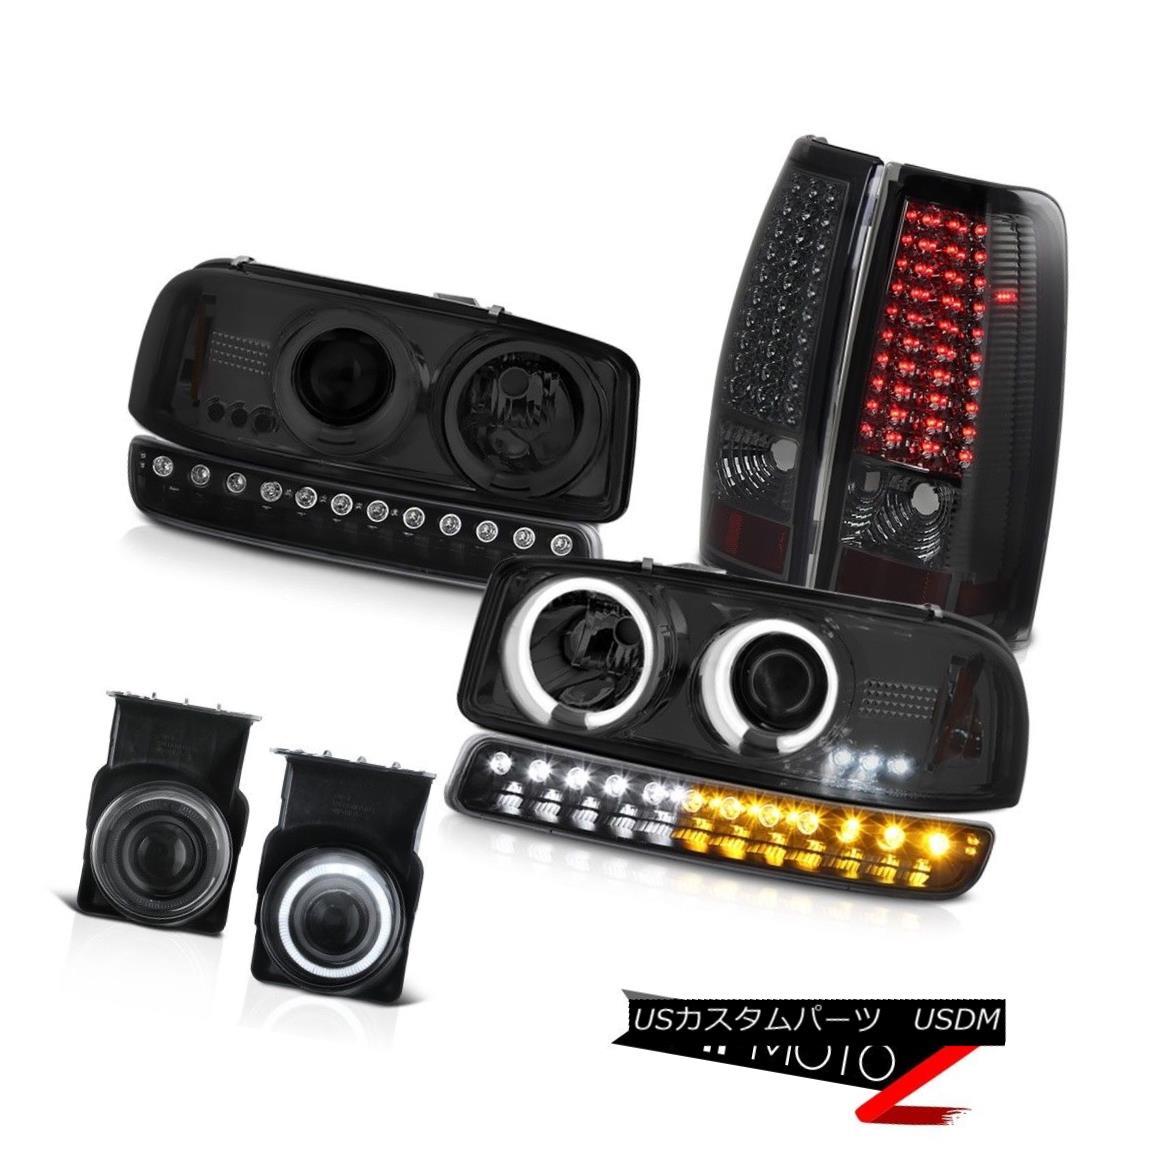 ヘッドライト 03-06 Sierra 1500 Foglamps led taillights black signal lamp ccfl headlamps LED 03-06 Sierra 1500 Foglampsはテールライトの黒信号ランプccflヘッドライトLEDを導いた